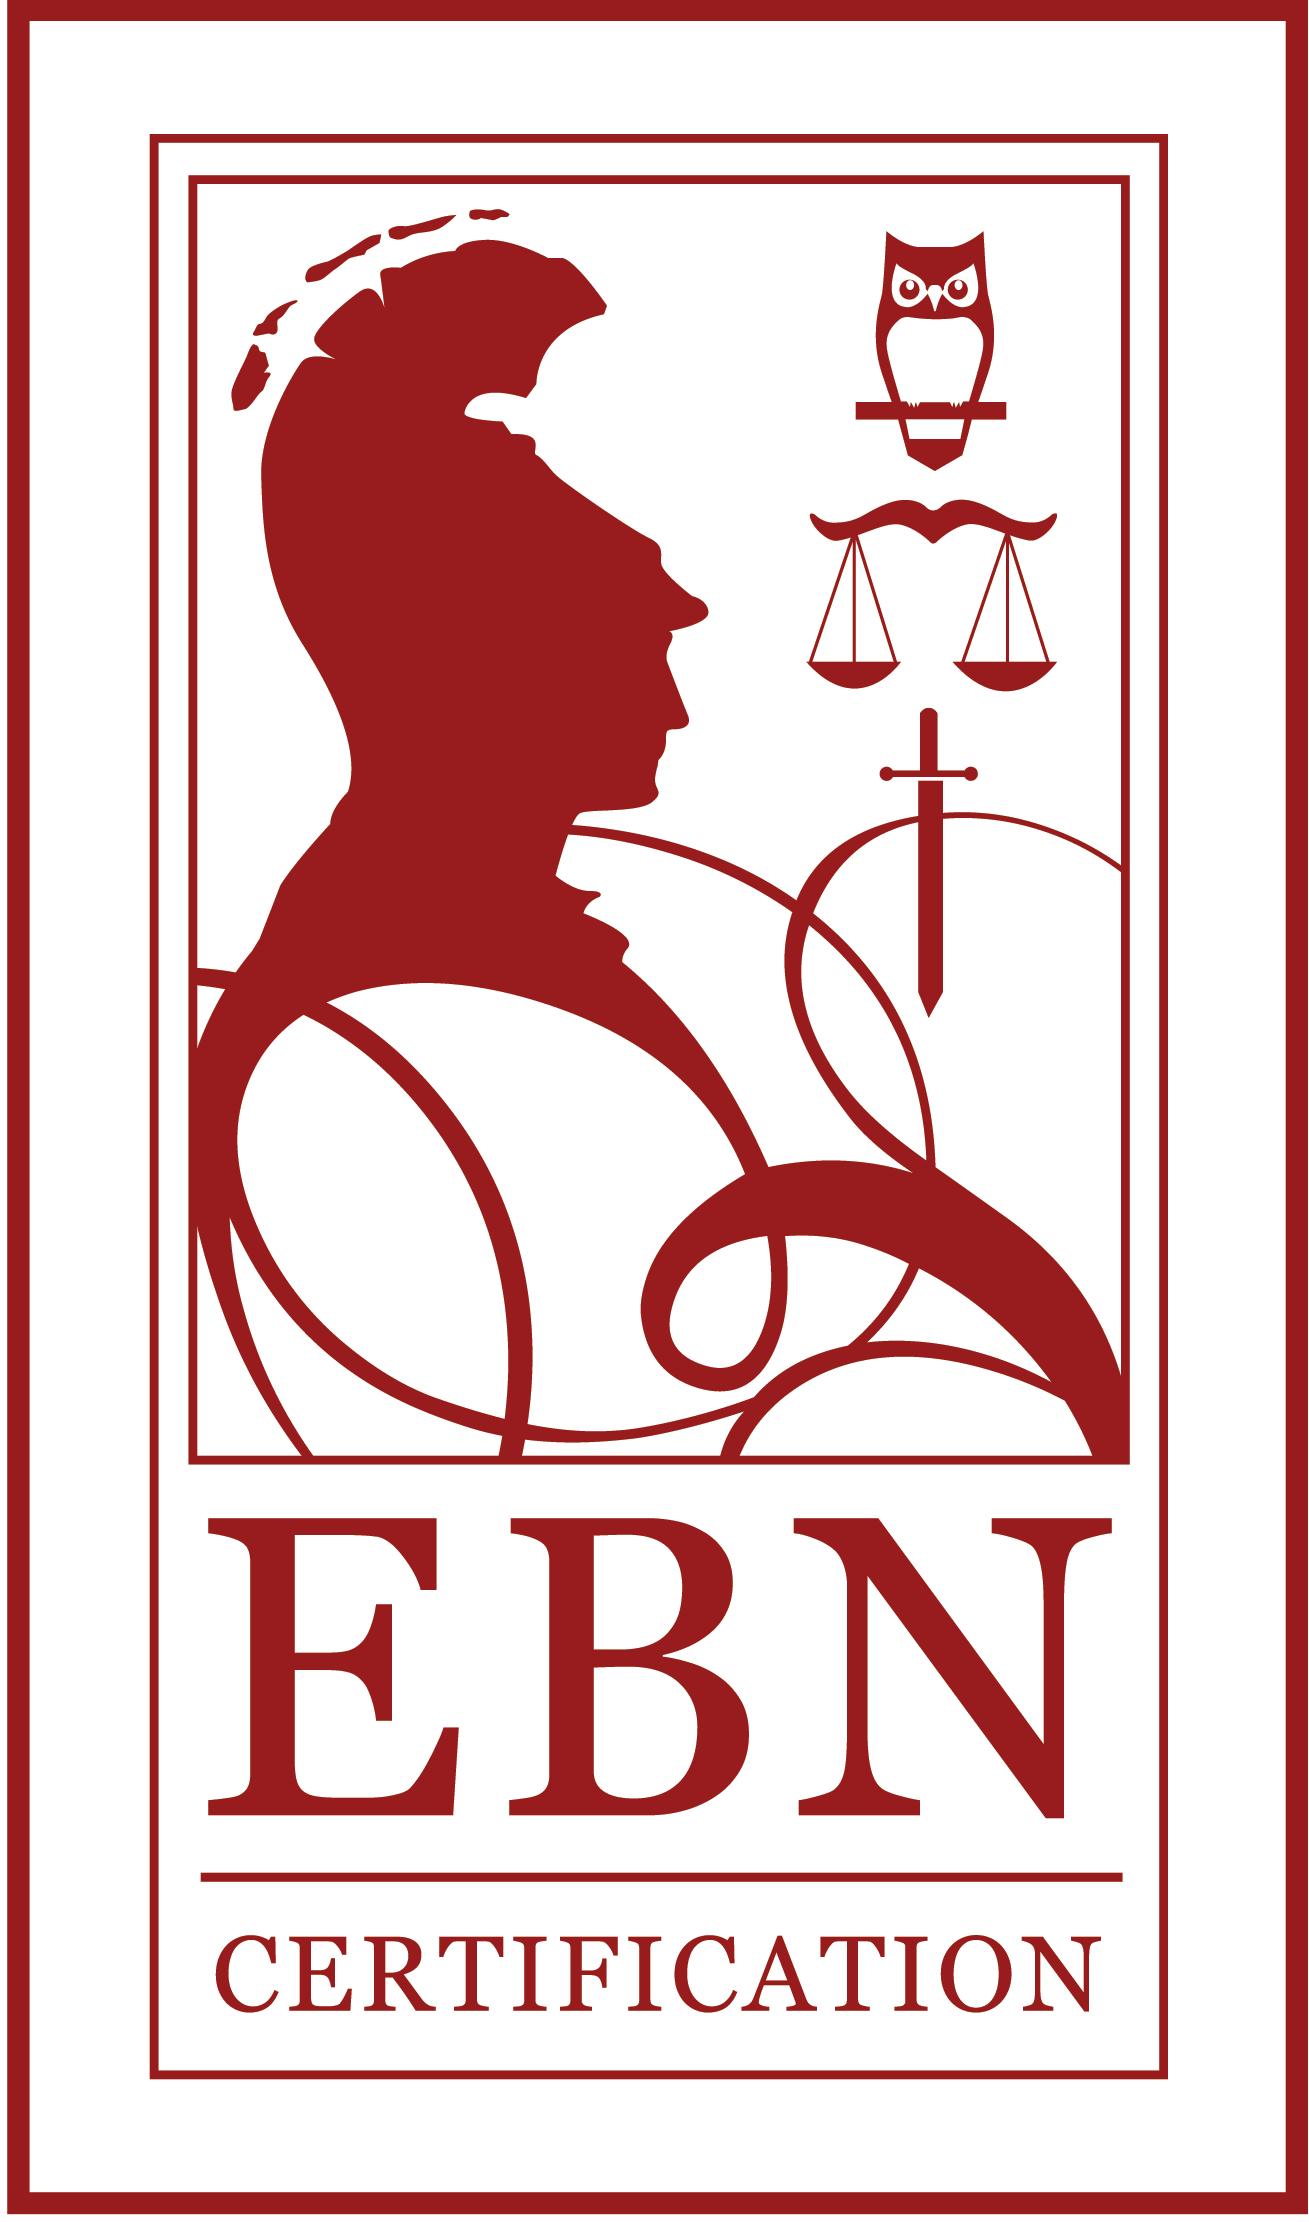 EBN Certification B.V.